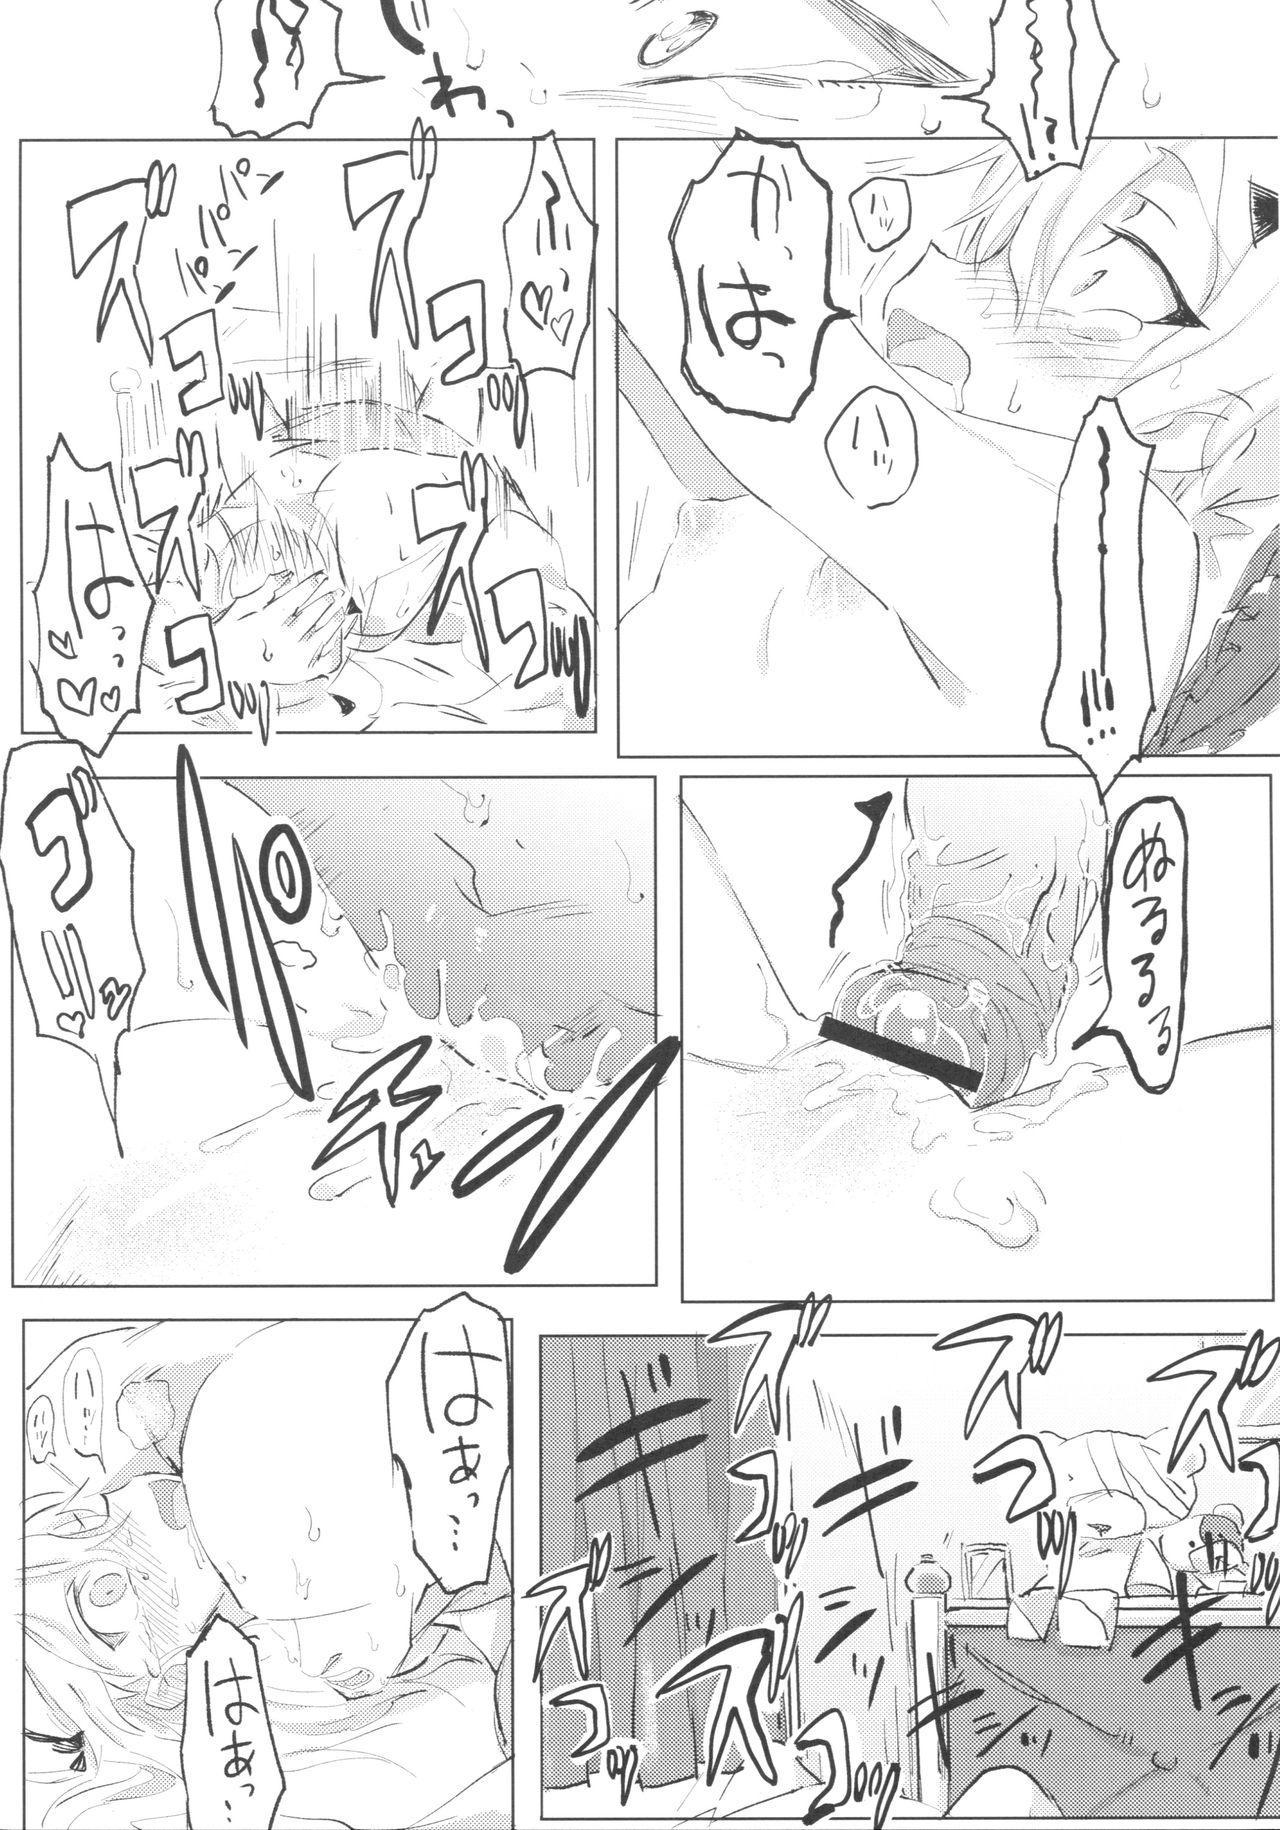 Shimada Arisu to Tappuri Amaama Ichaicha Love love Shite Chottodake Sex suru Atsui Hon 37